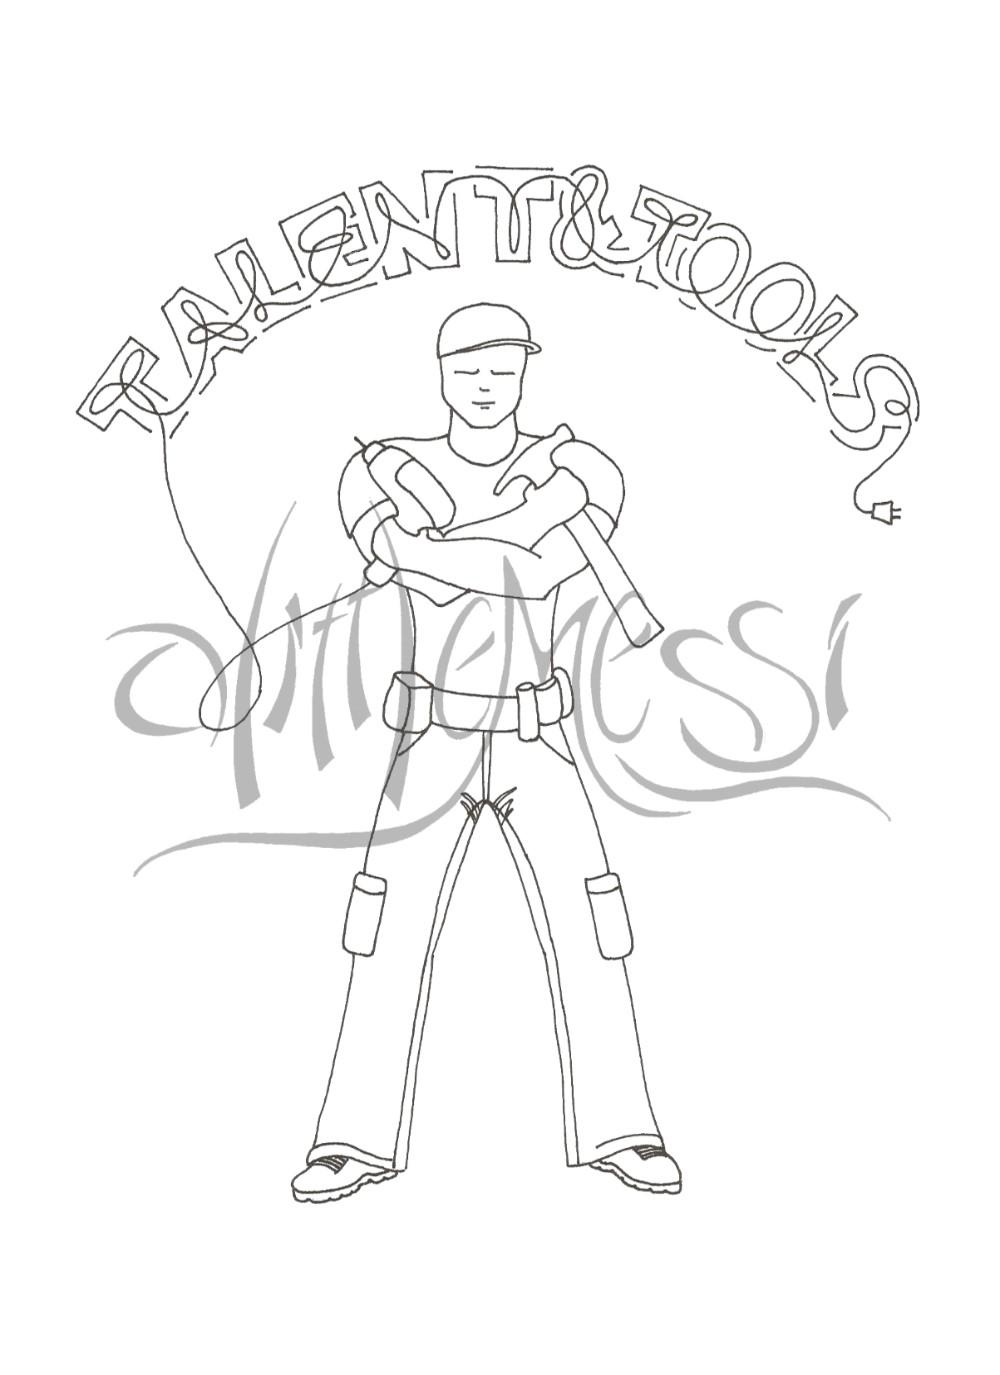 TalentAndTools